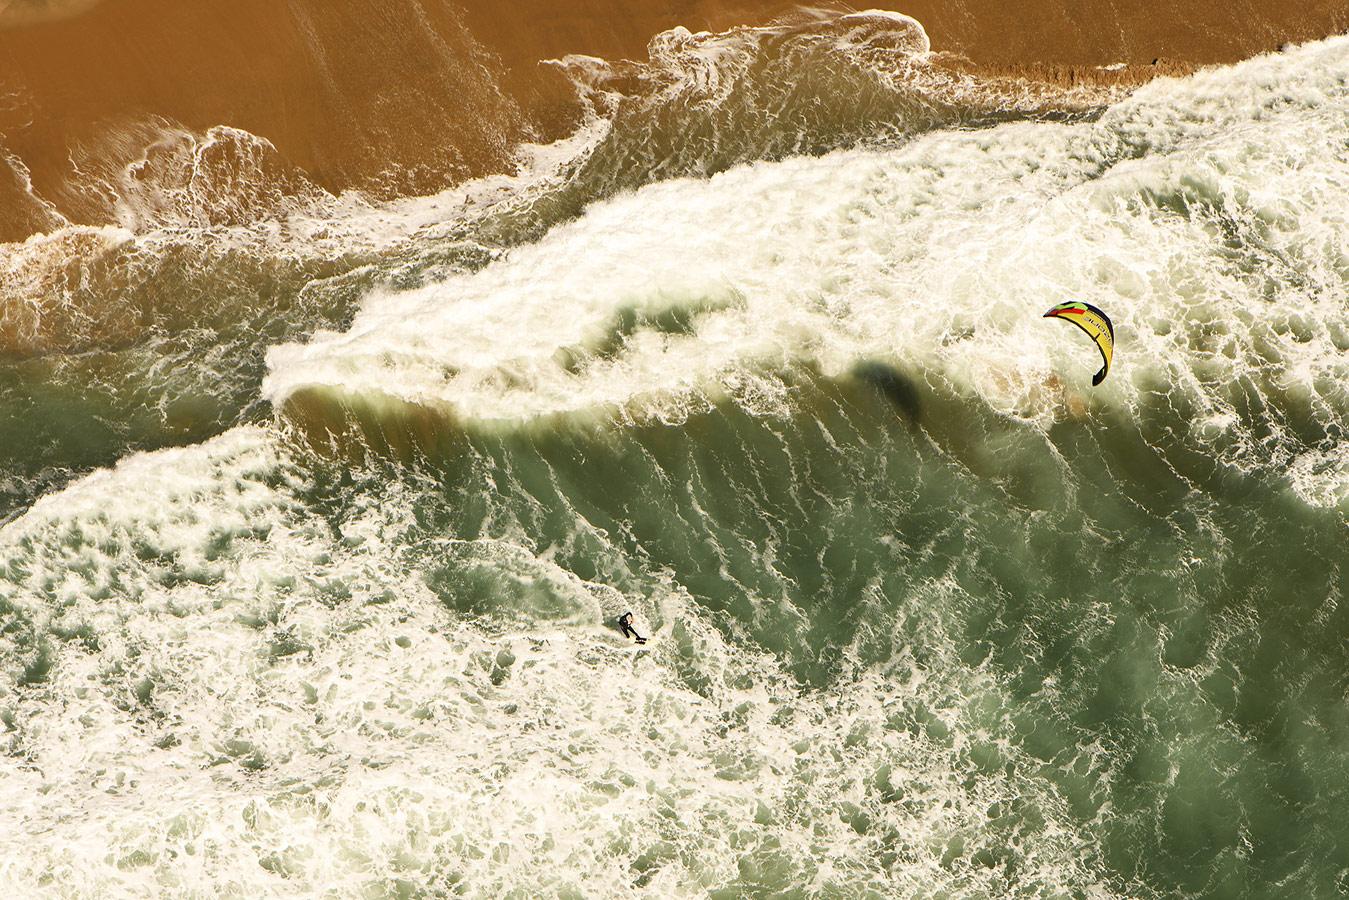 «Великий серфинг», © Яссен Тодоров / Jassen Todorov, Сан-Франциско, США, Финалист в категории «Экшн / Приключения» – любитель, Фотоконкурс «Адреналин» — Спортивная и экшн-фотография